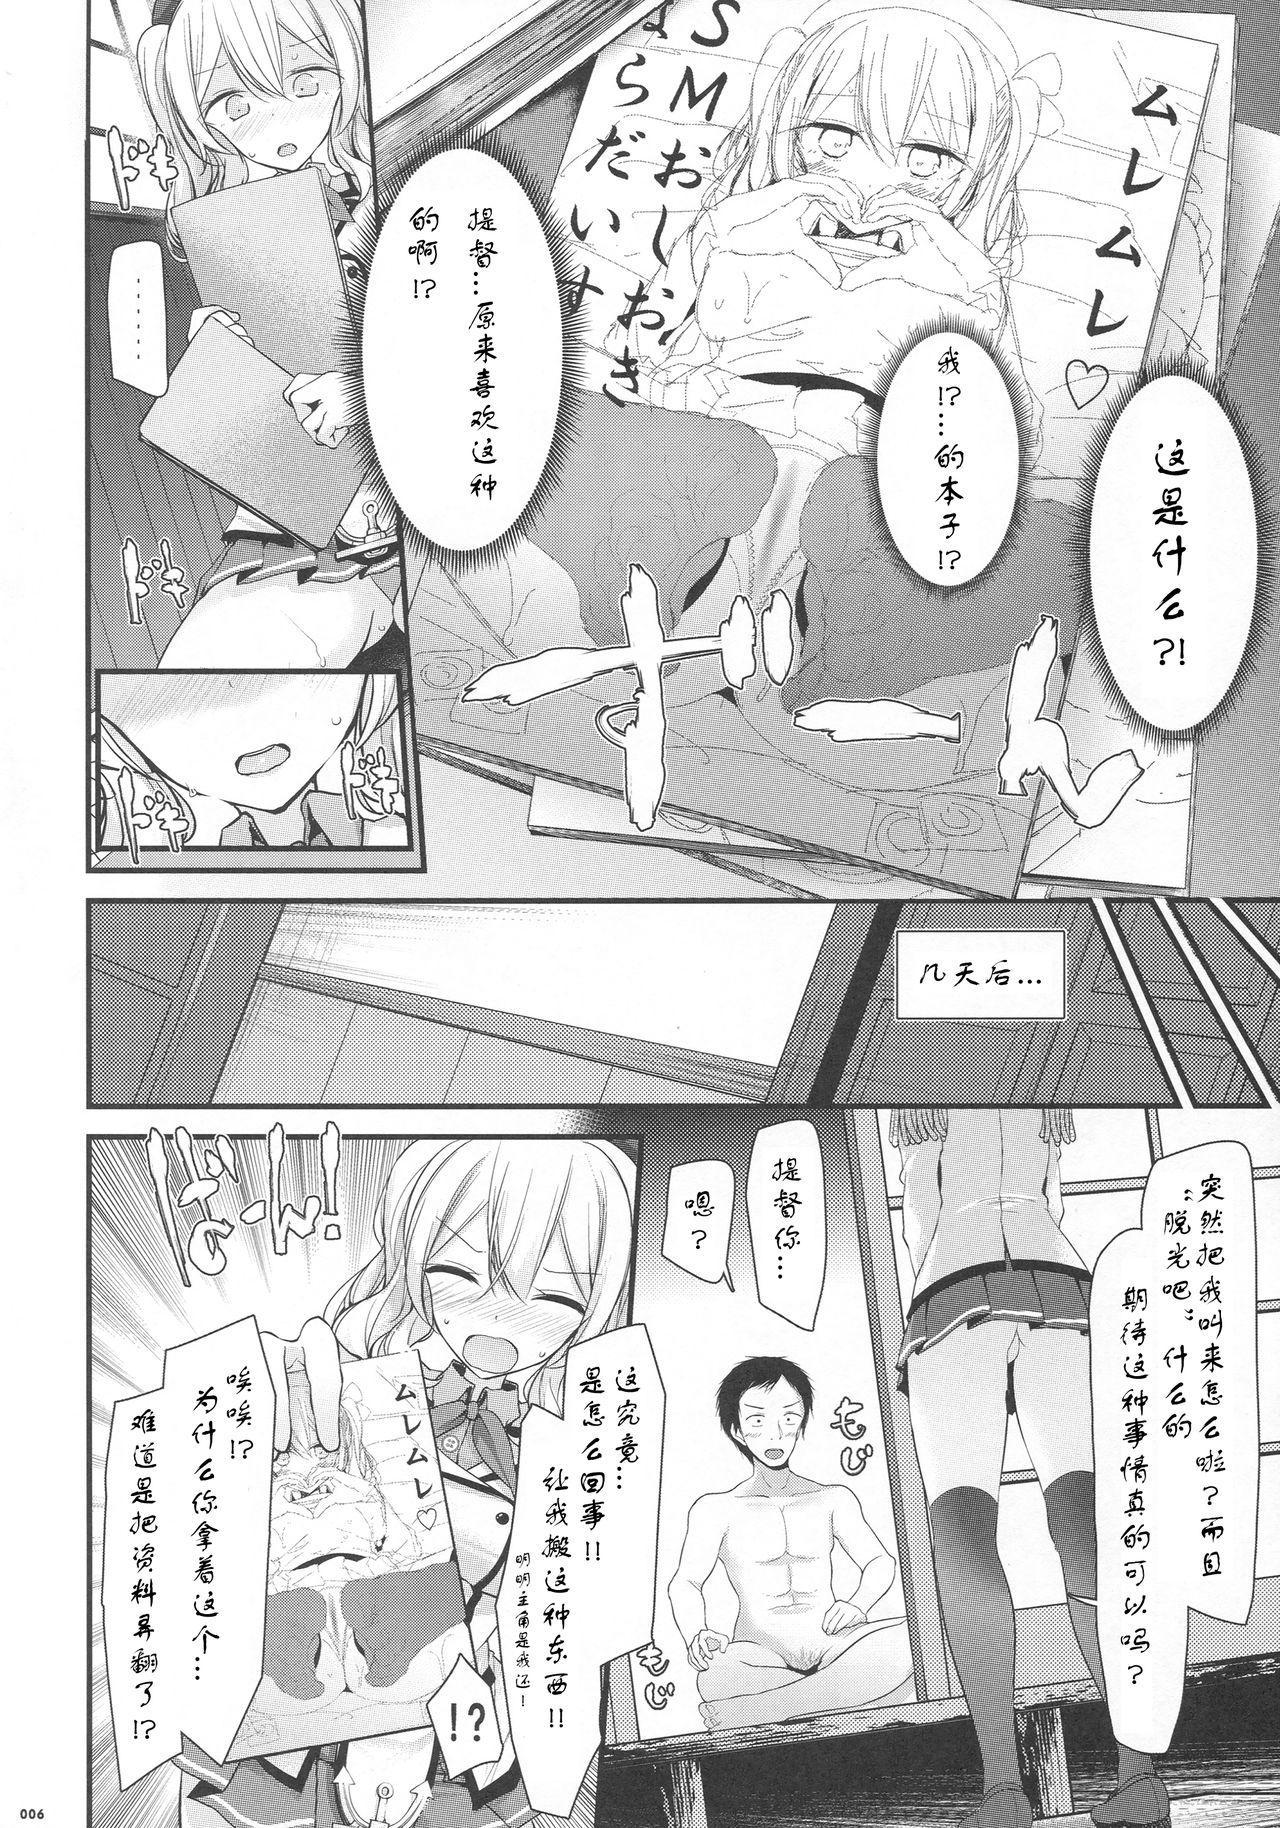 Kashima-chan no Ashi de Eroi Koto Suru Hon 5